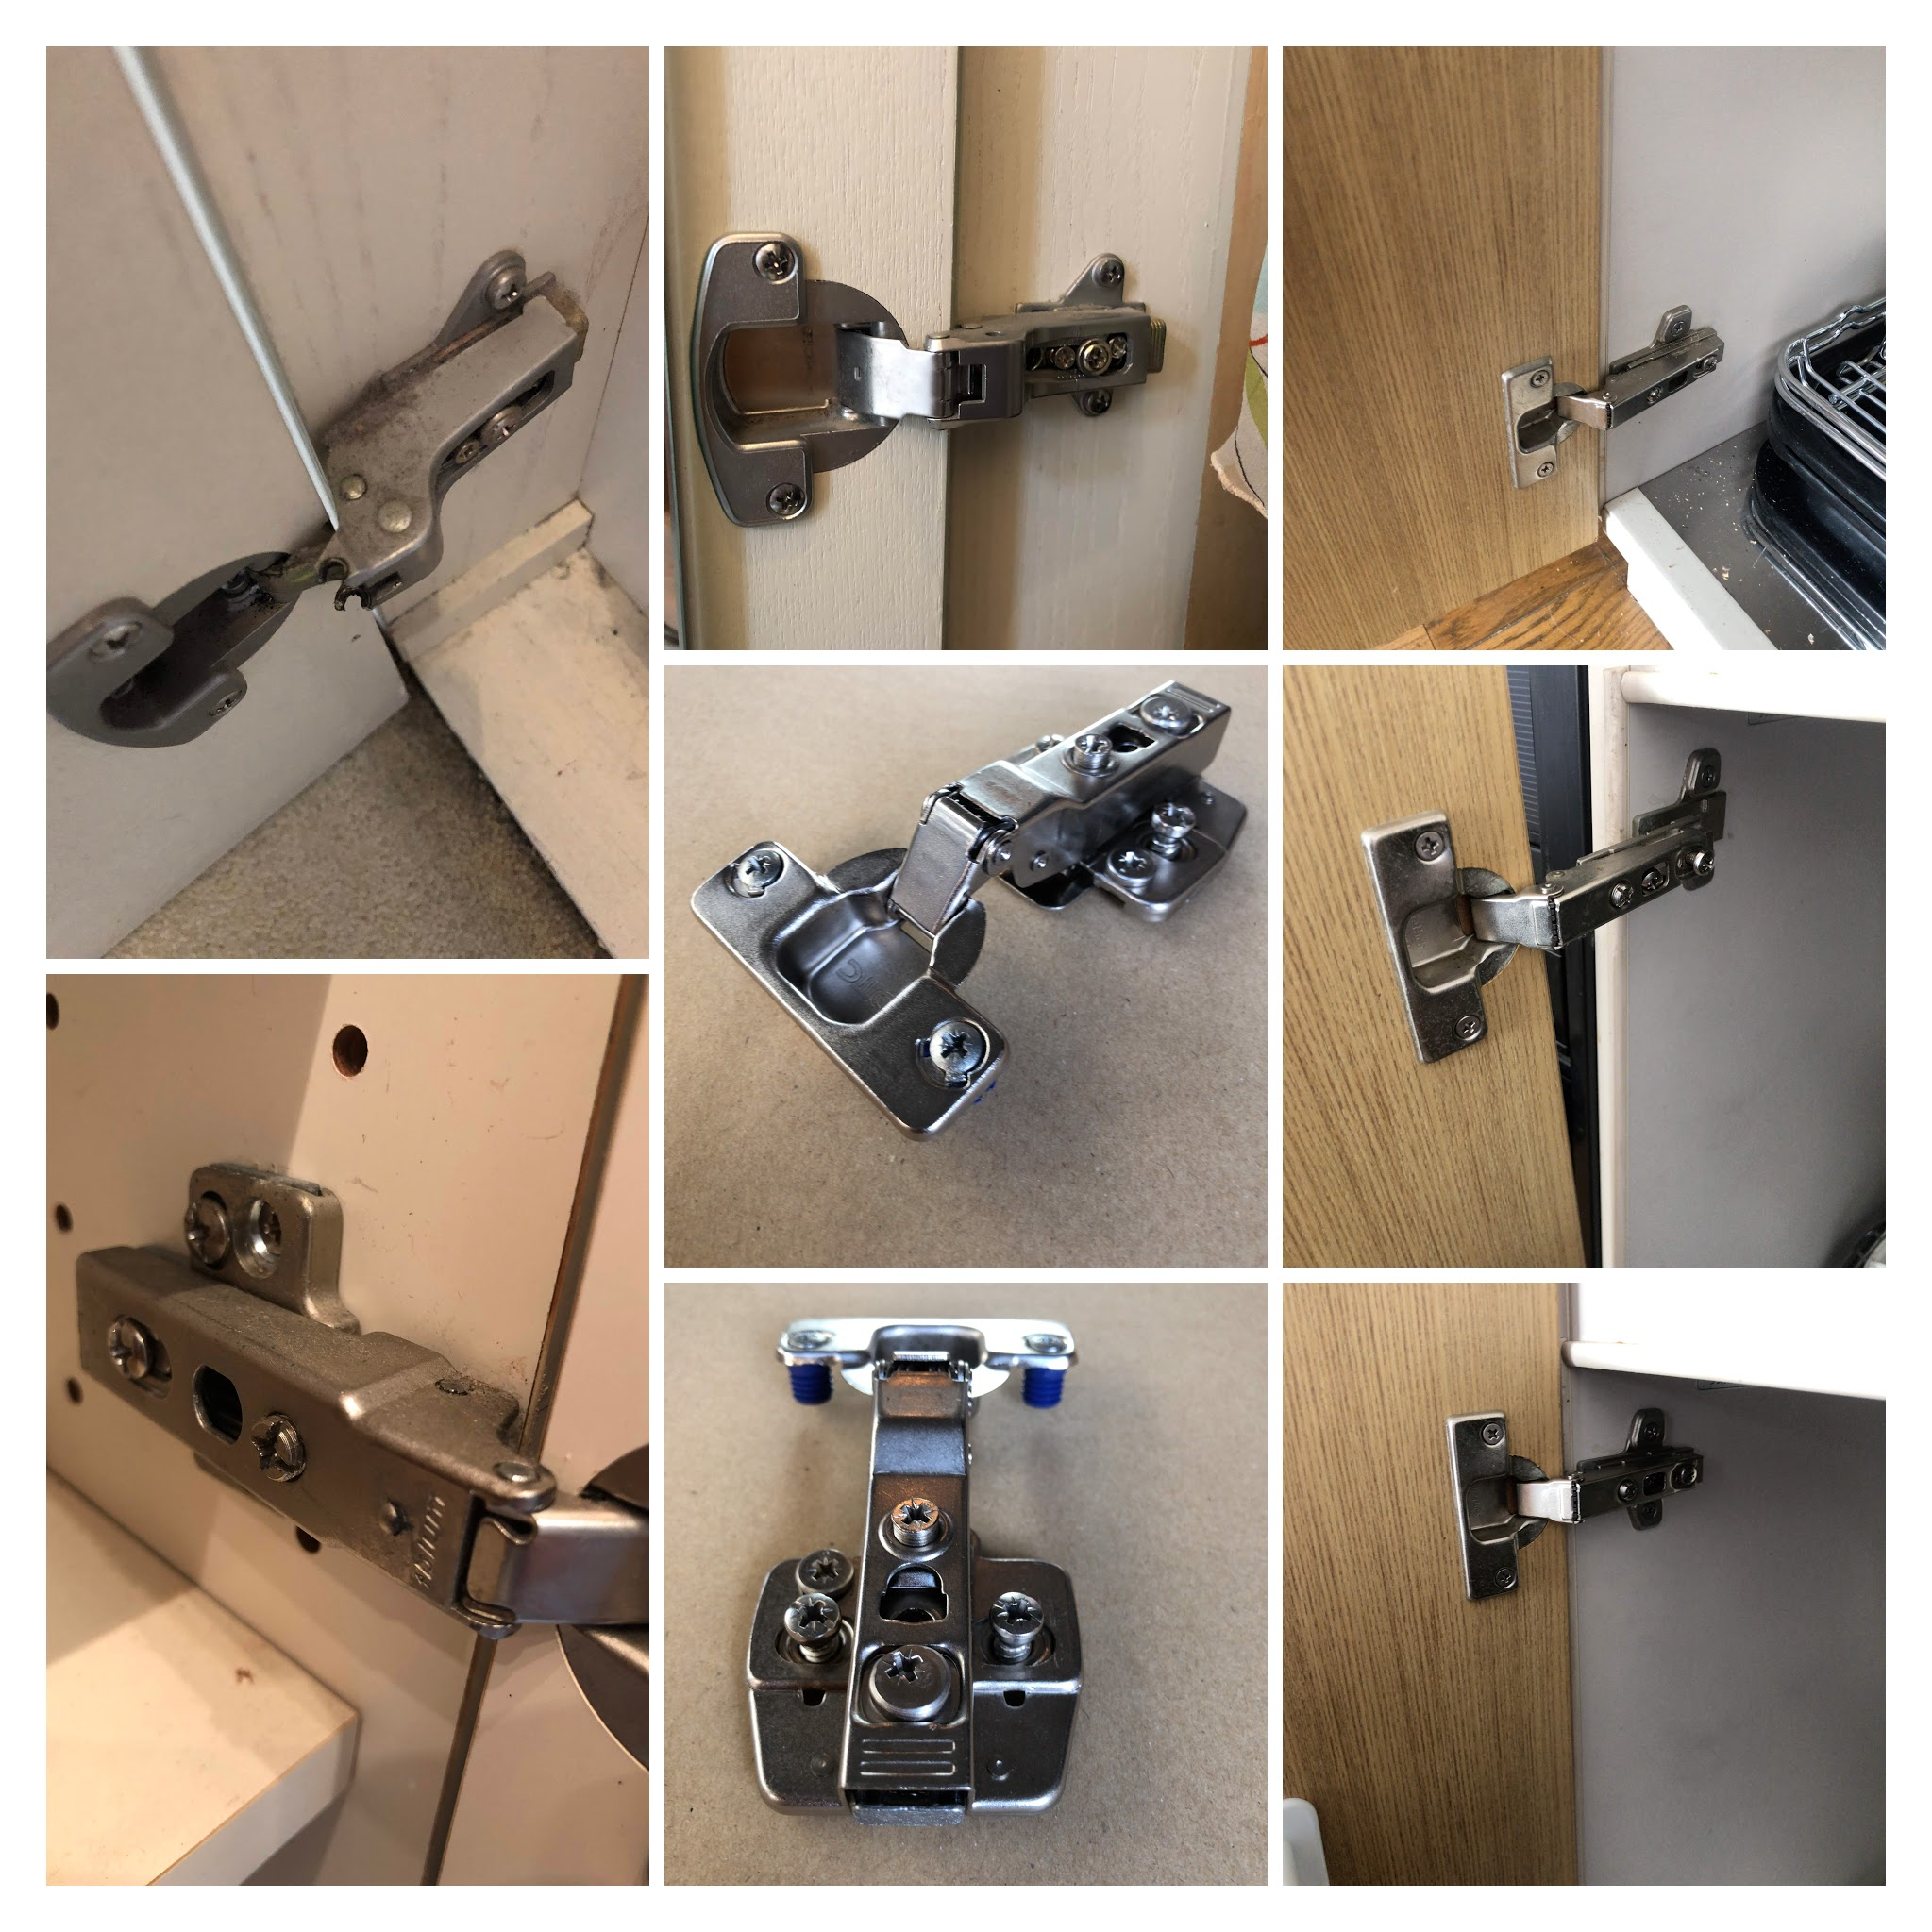 ドア修理・家具扉修理・キッチン扉修理・引き戸修理・クローゼット修理